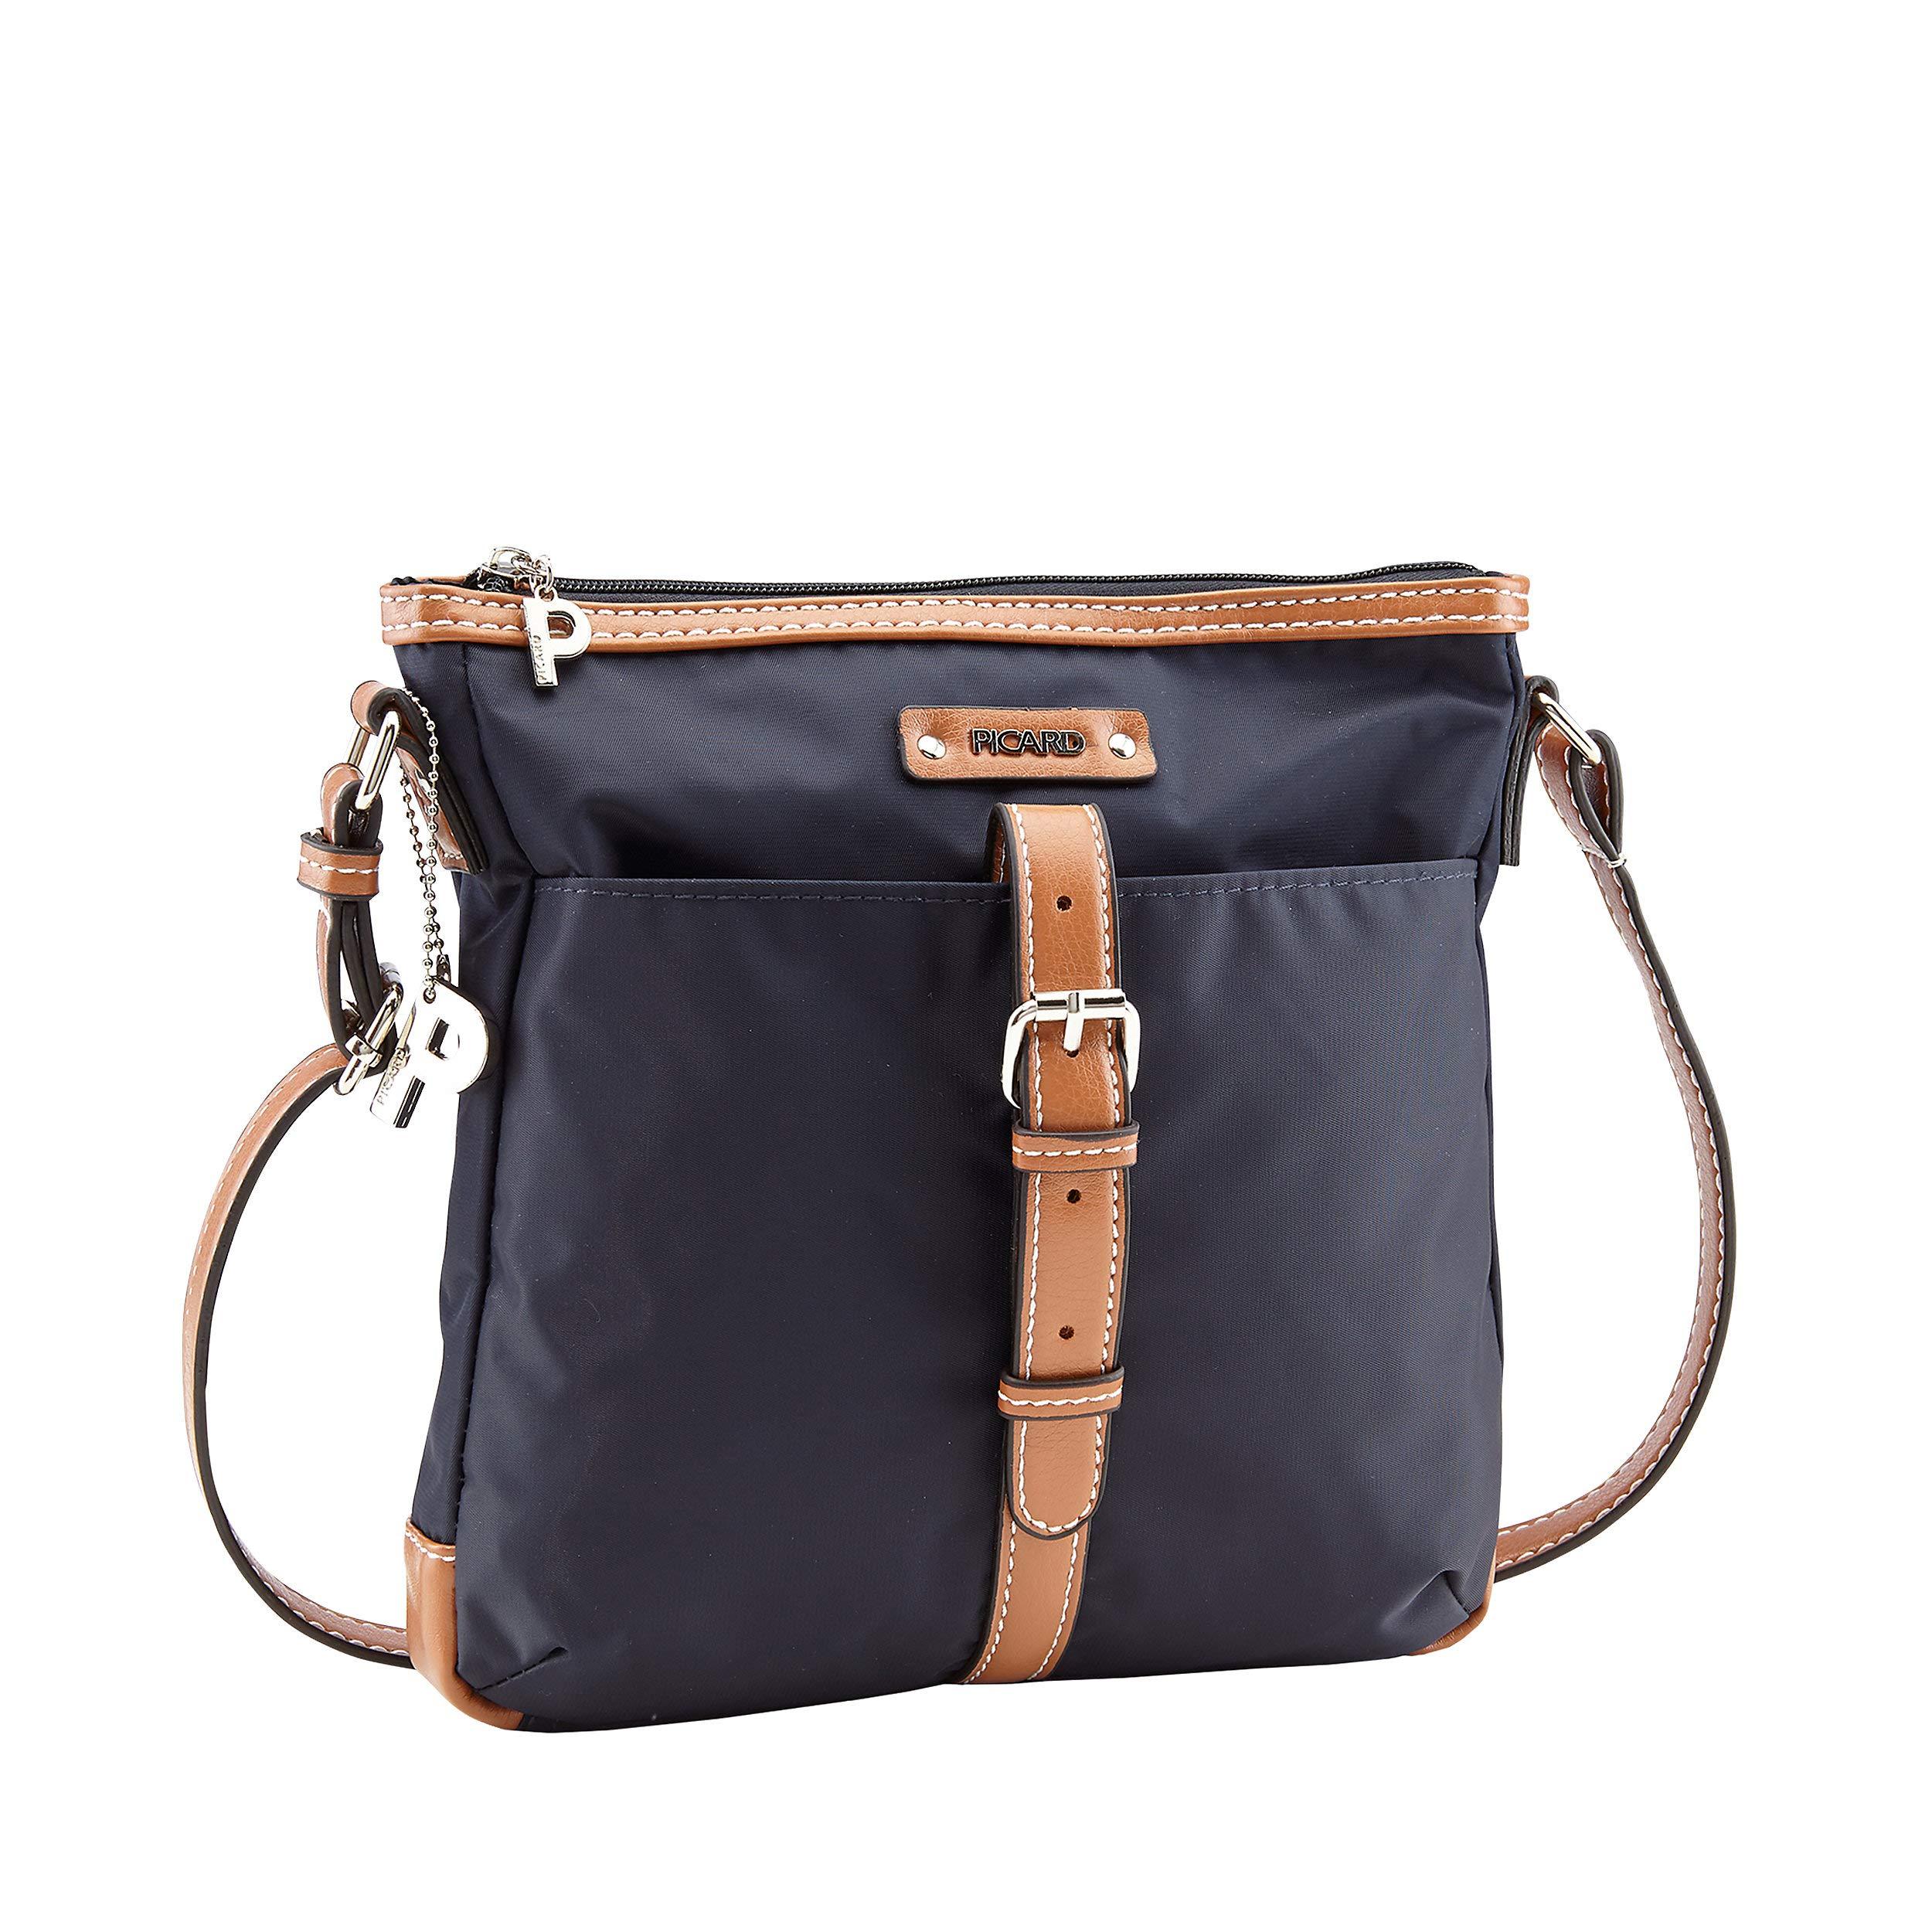 Picard Handtaschen Taschen 7830 midnight Blau y1Y8q